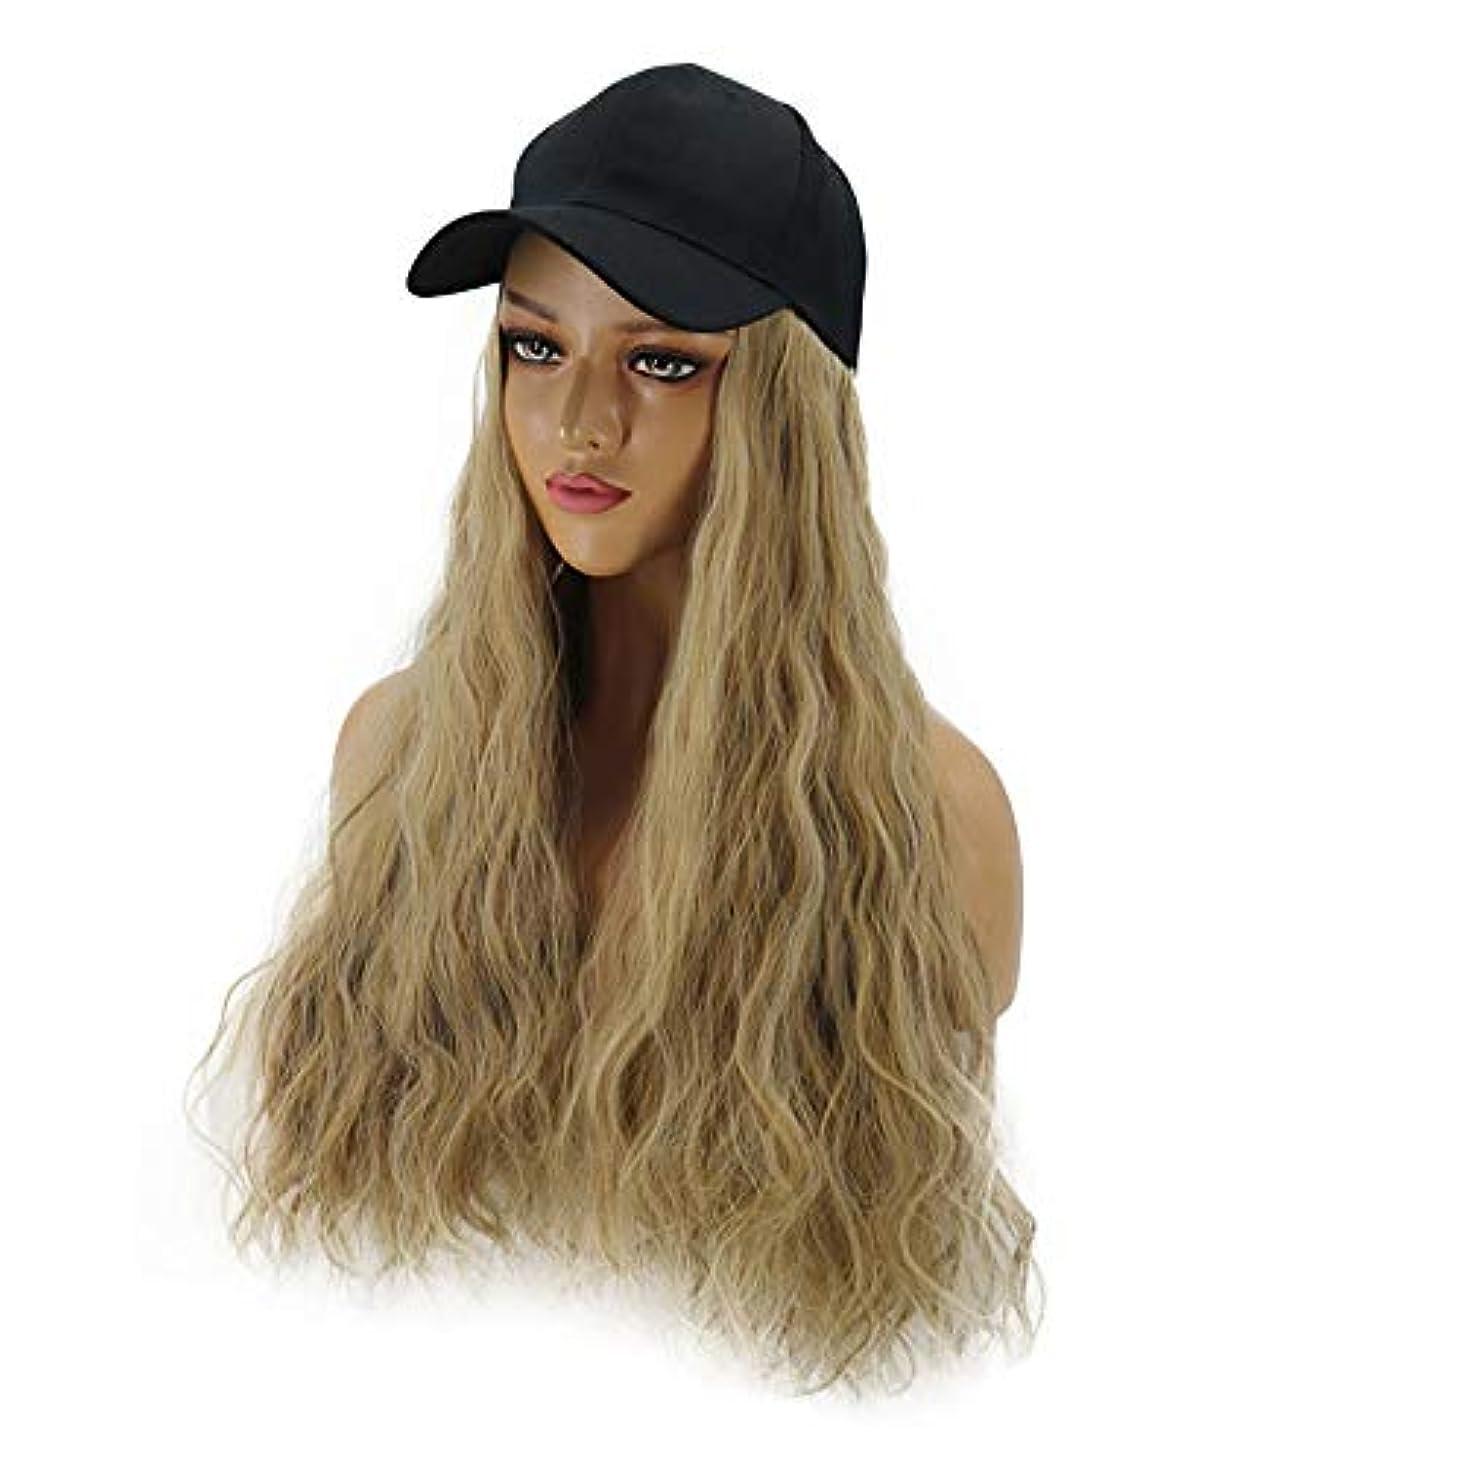 他のバンドで社会主義者聴覚HAILAN HOME-かつら ファッション女性ウィッグハットワンピース帽子ウィッグコーン型パーマミックスアンバー/ブラウン簡単ワンピース取り外し可能